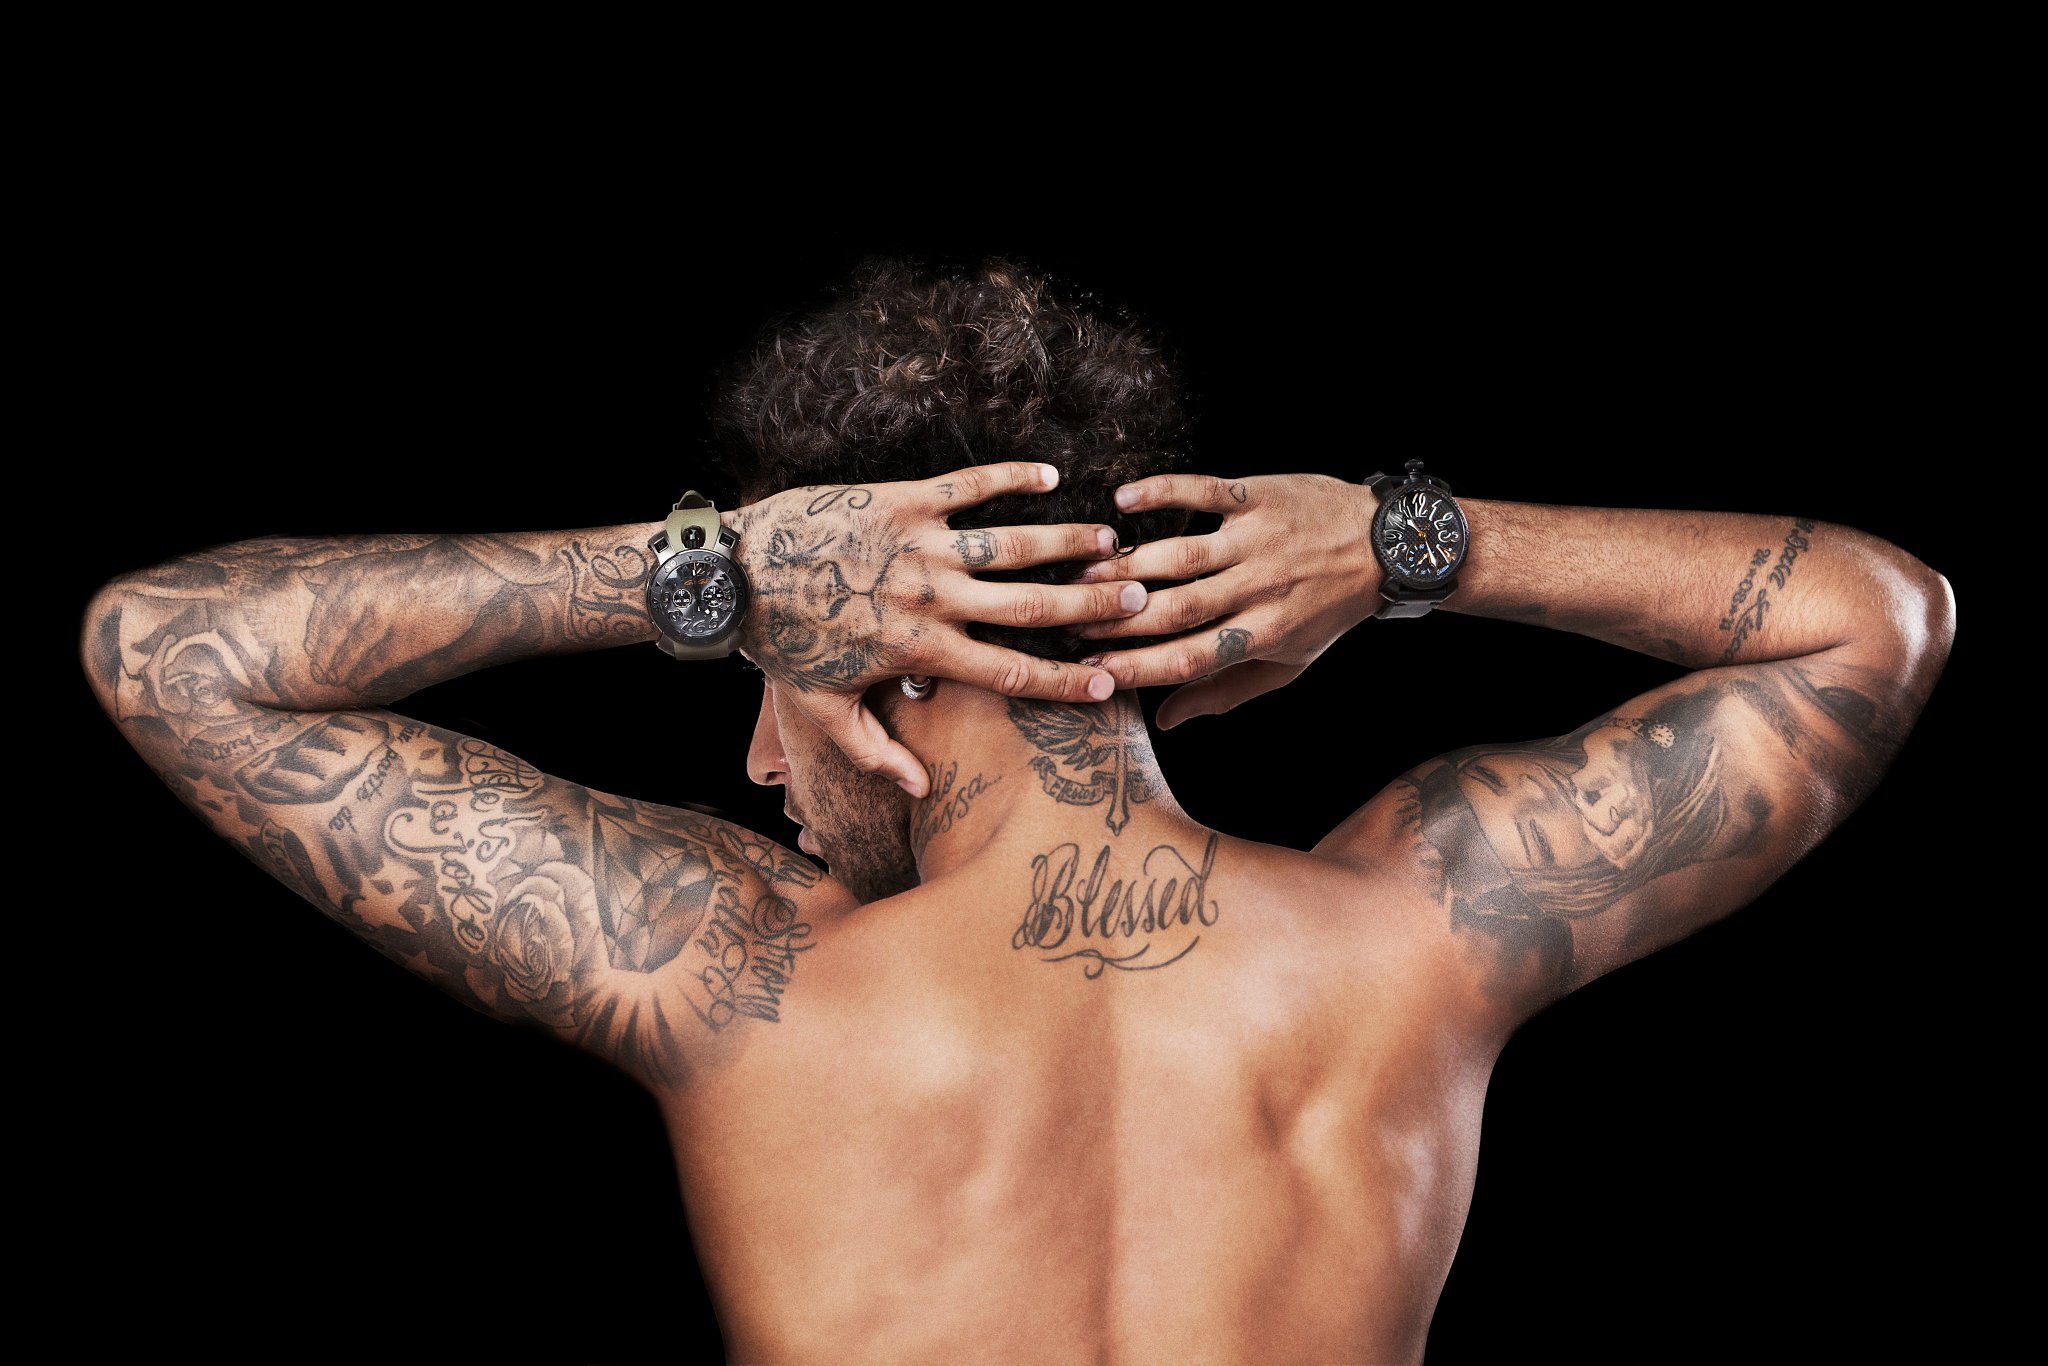 Neymar Júnior tattoo, the Brazilian number 10 from São Paulo, Brazil